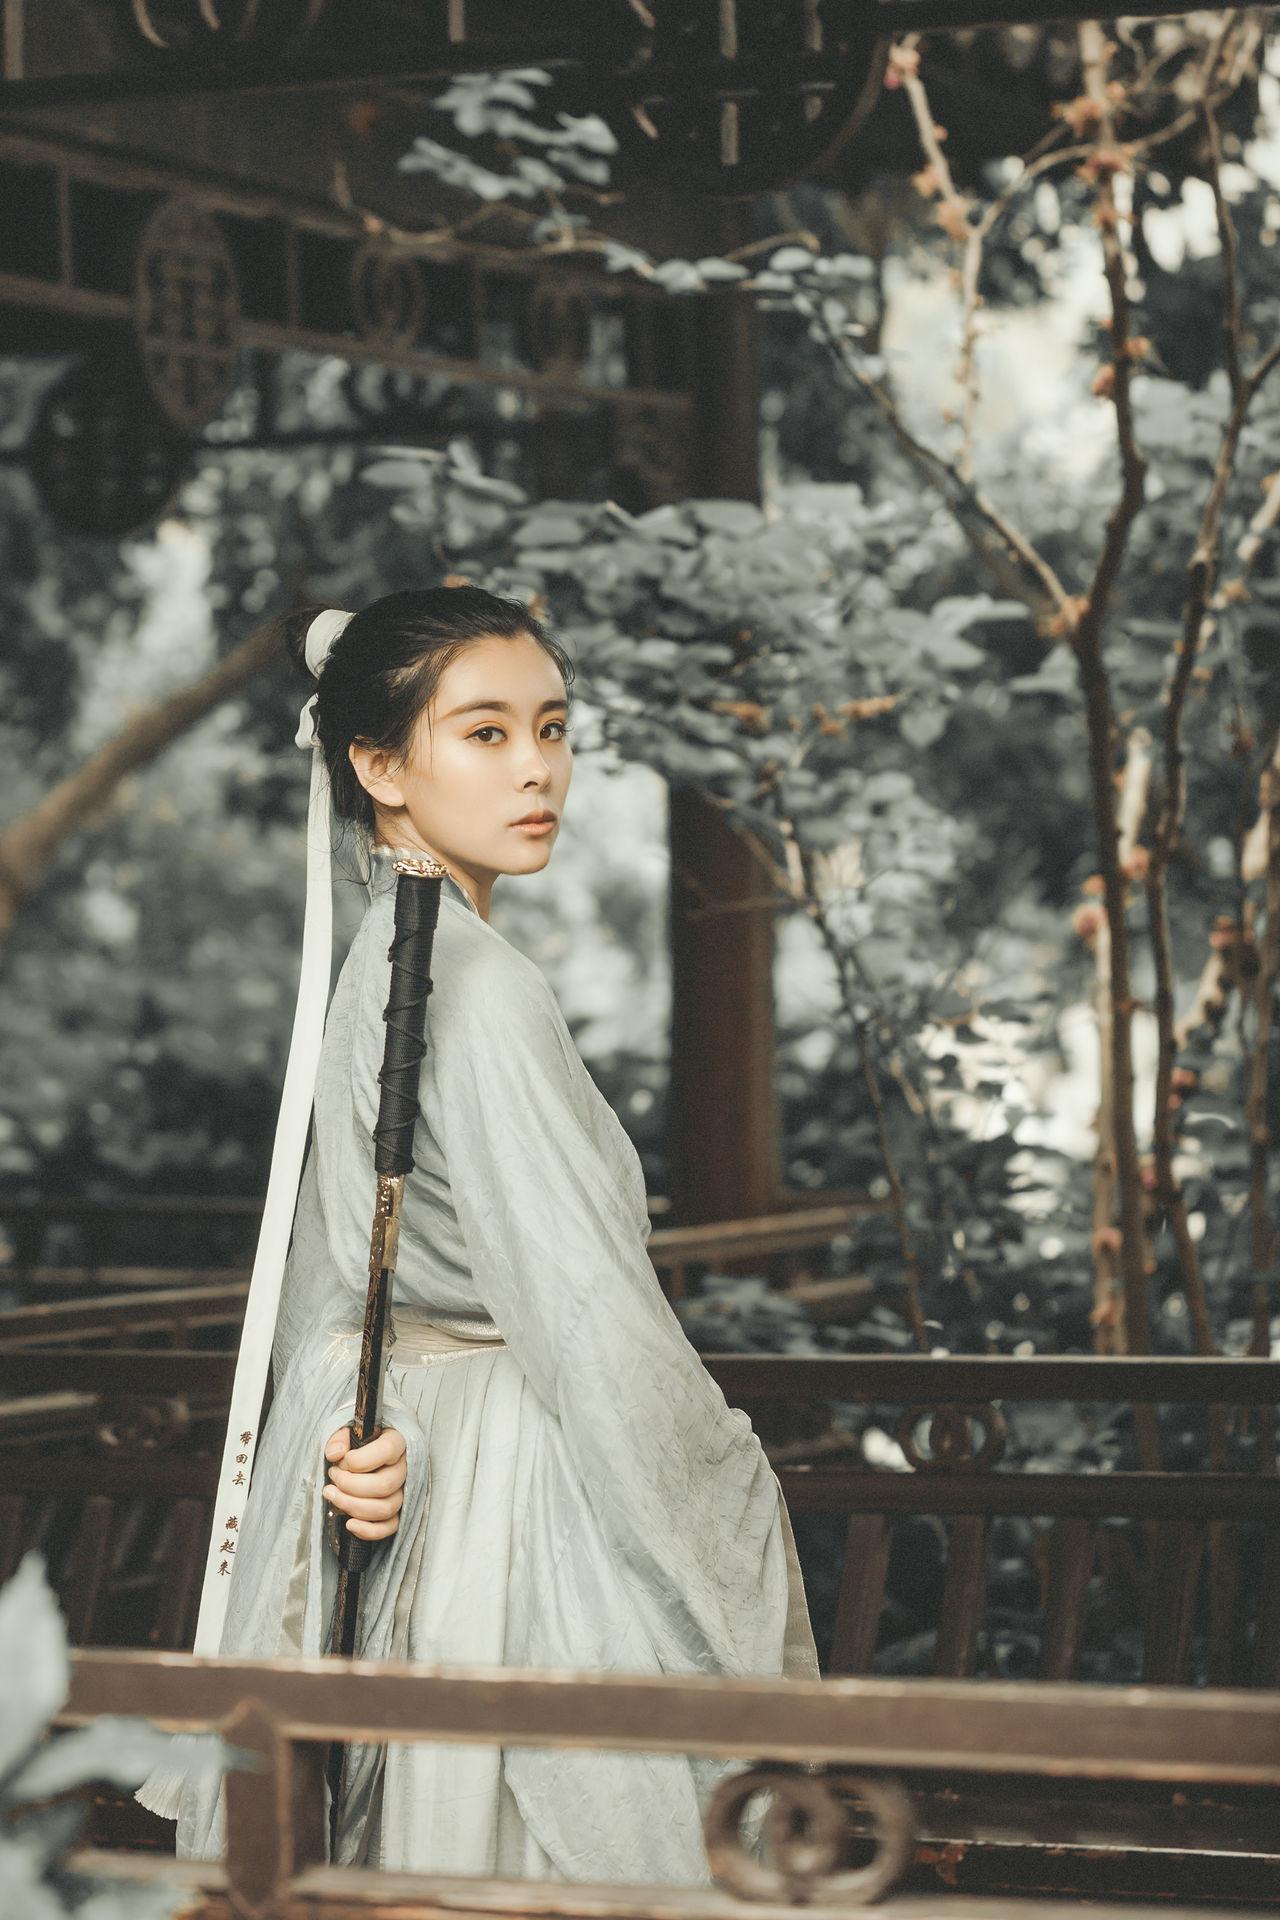 2019-04-21 桂林公園漢服_攝影師江南小生的返片